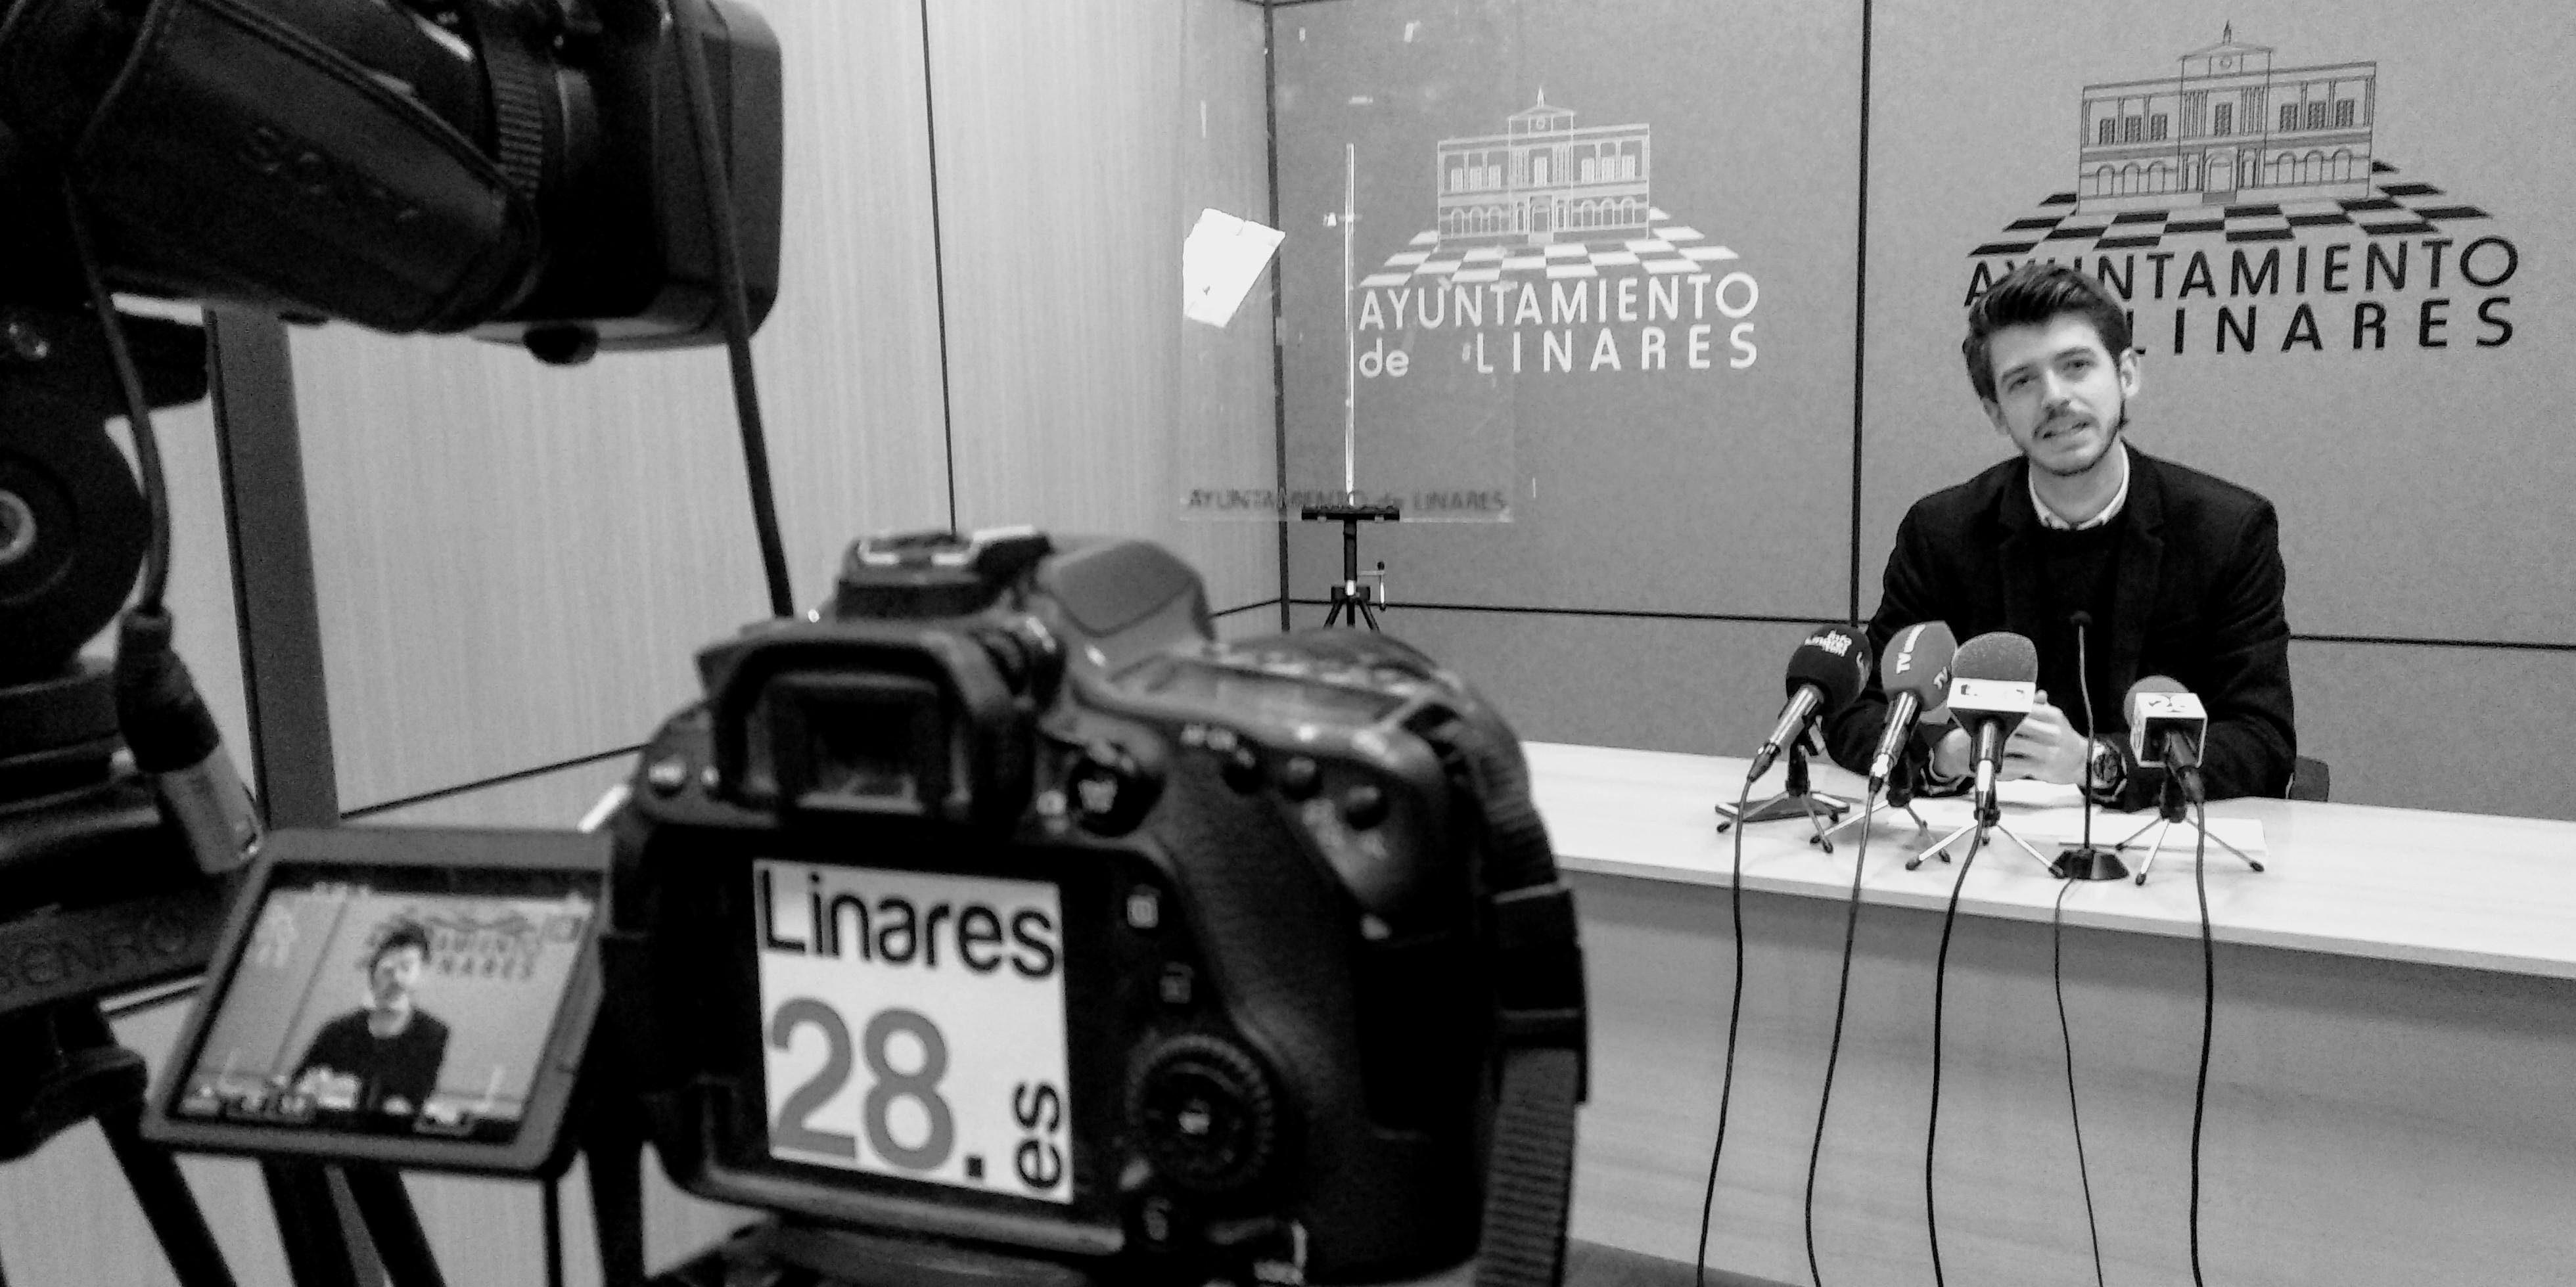 ESTÁ PASANDO | Javier Bris presenta la modificación de la RPT de Linares